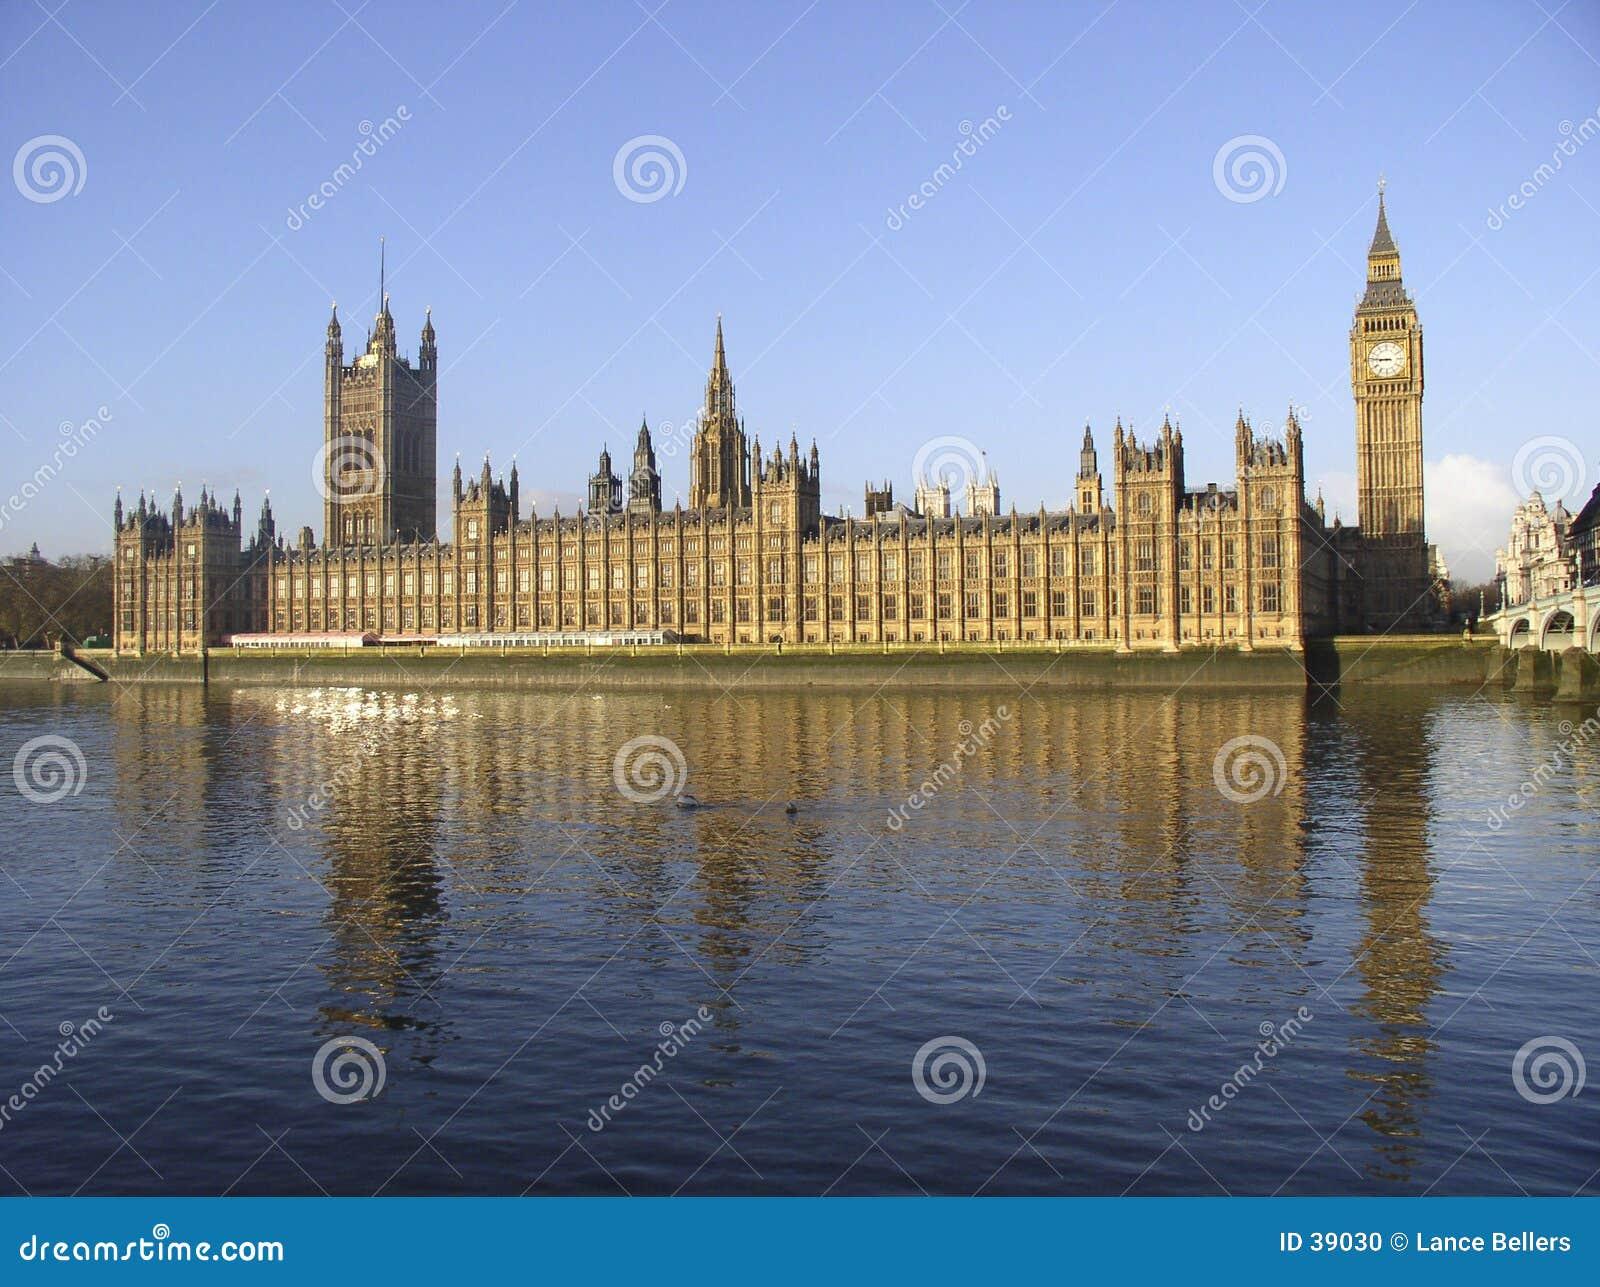 Download House parlamentu zdjęcie stock. Obraz złożonej z london - 39030